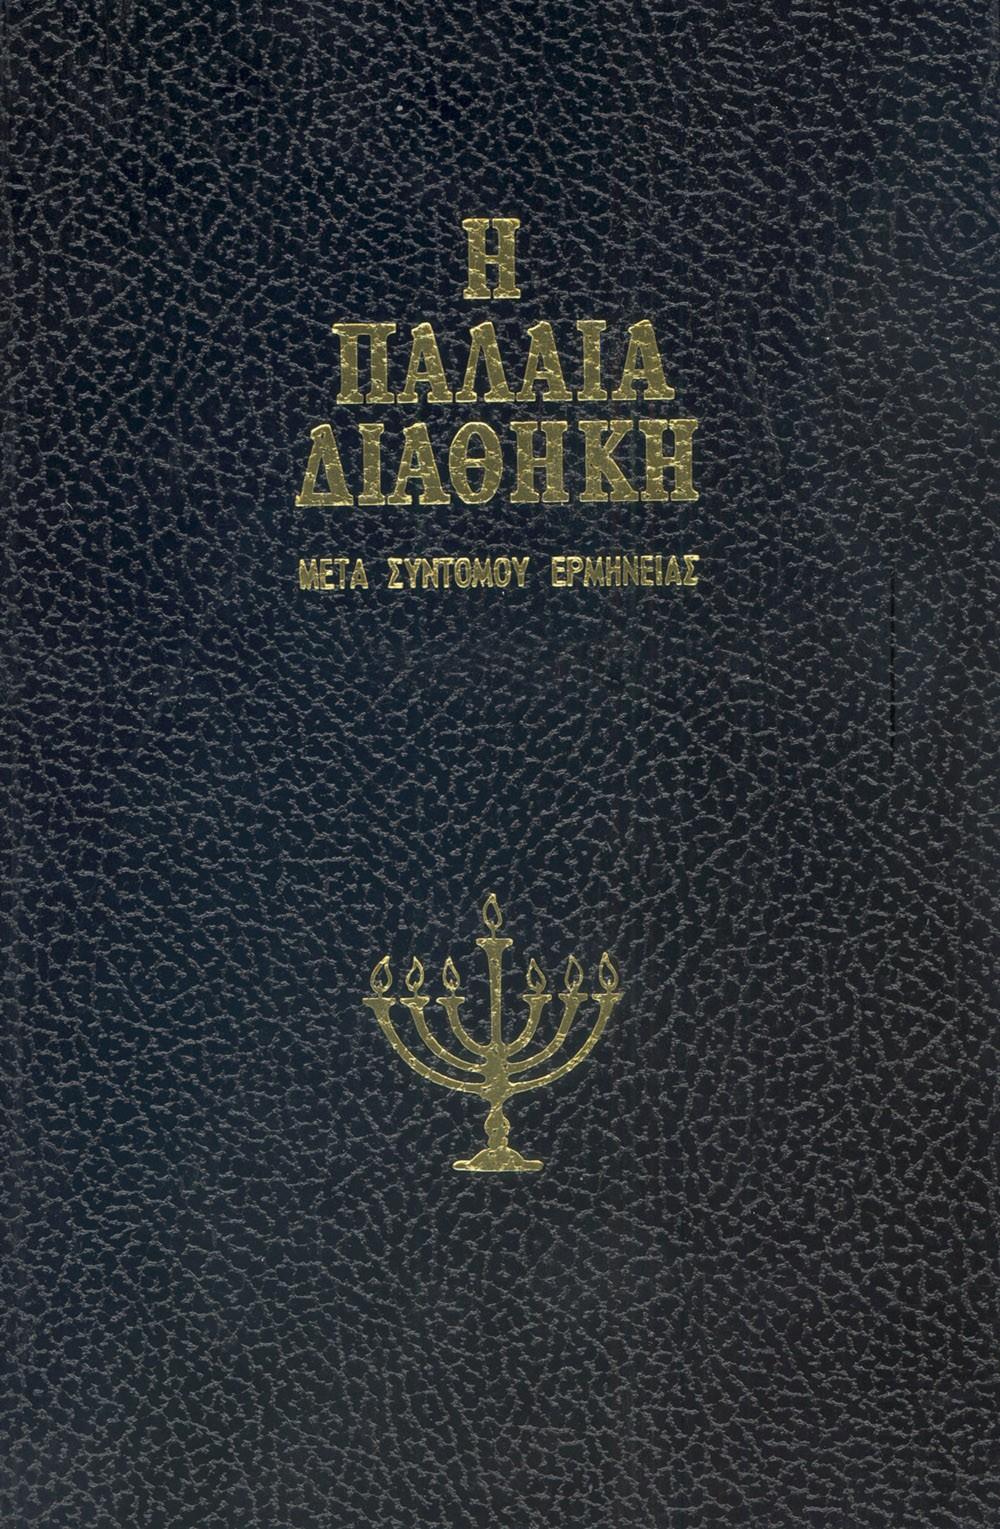 Παλαιά Διαθήκη ΠΑΛΑΙΑ ΔΙΑΘΗΚΗ Τόμος ΙΣΤ΄ ΗΣΑΪΑΣ